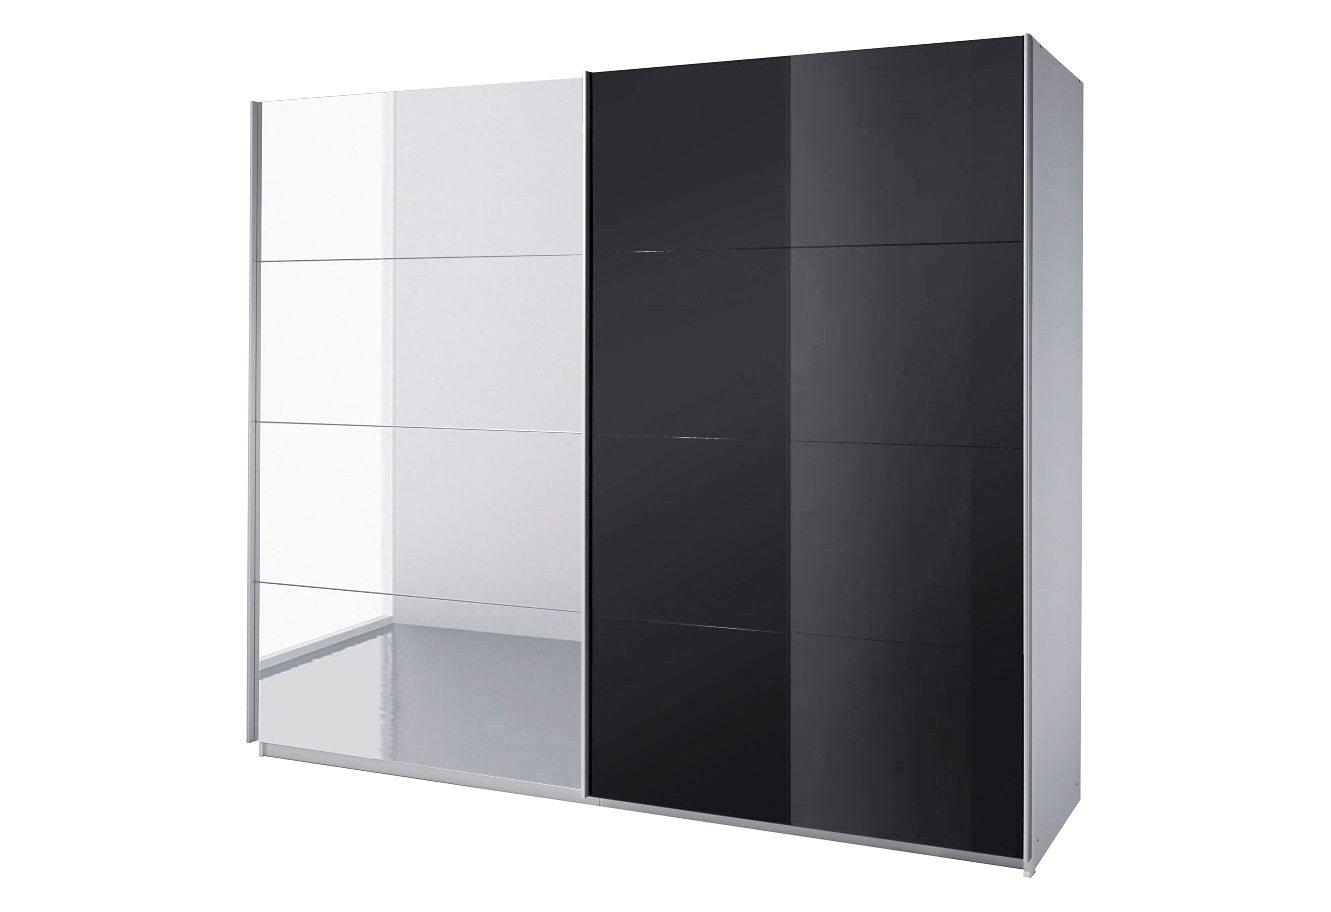 sideboard rauch preisvergleiche erfahrungsberichte. Black Bedroom Furniture Sets. Home Design Ideas